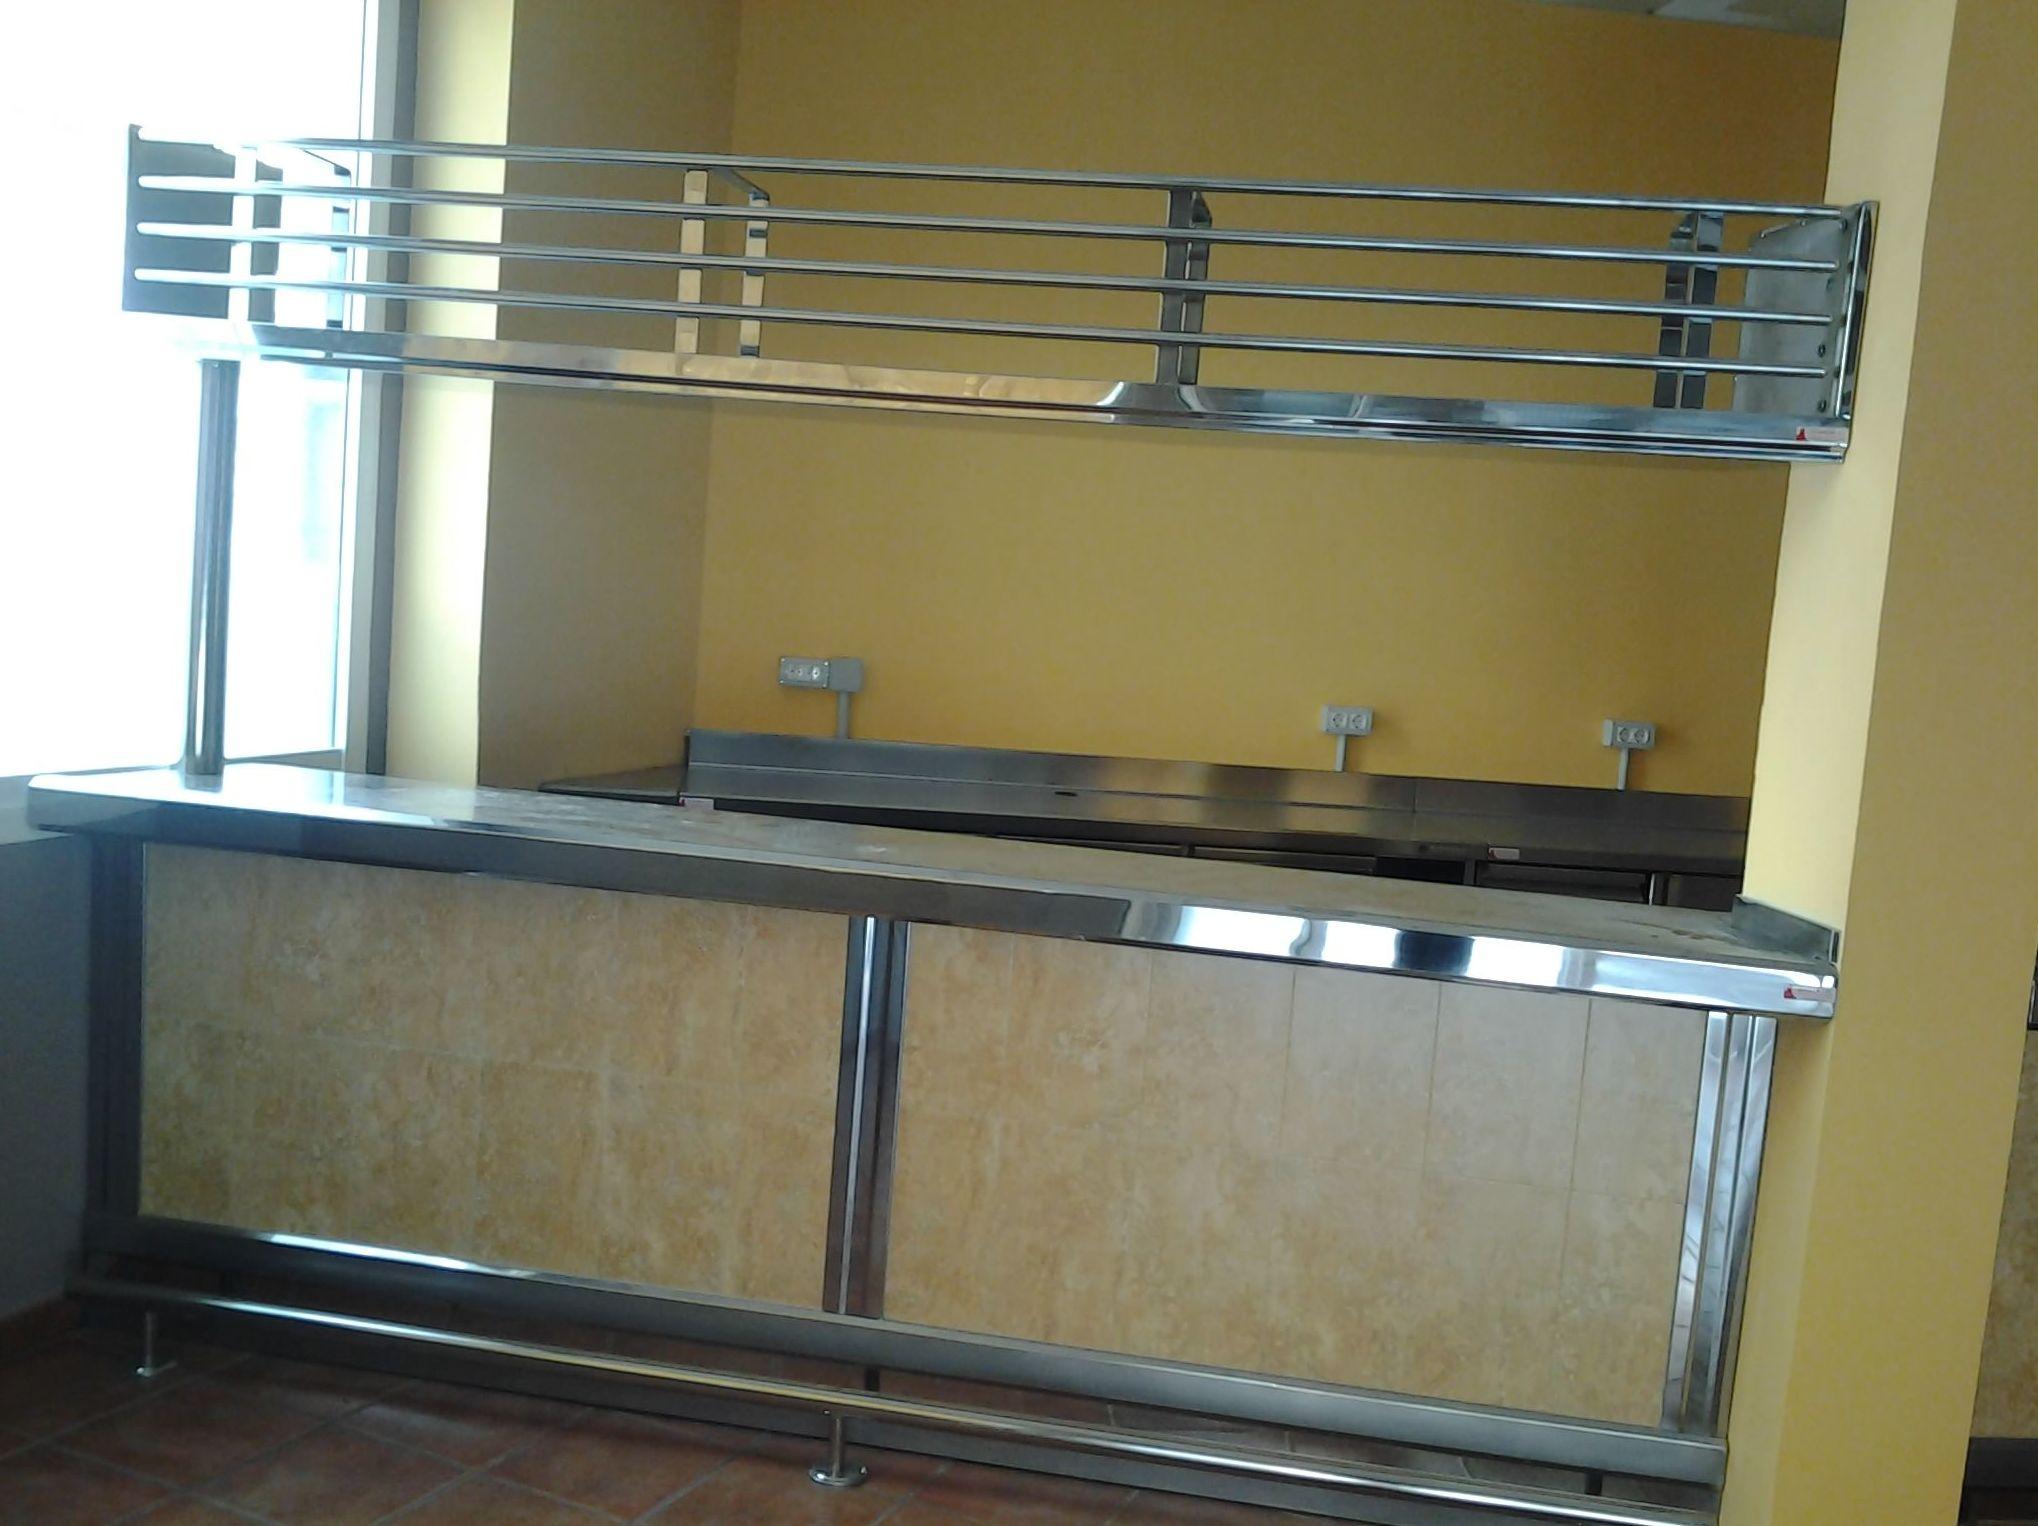 Especializado en la fabricación e instalación de elementos fabricados en acero inoxidable